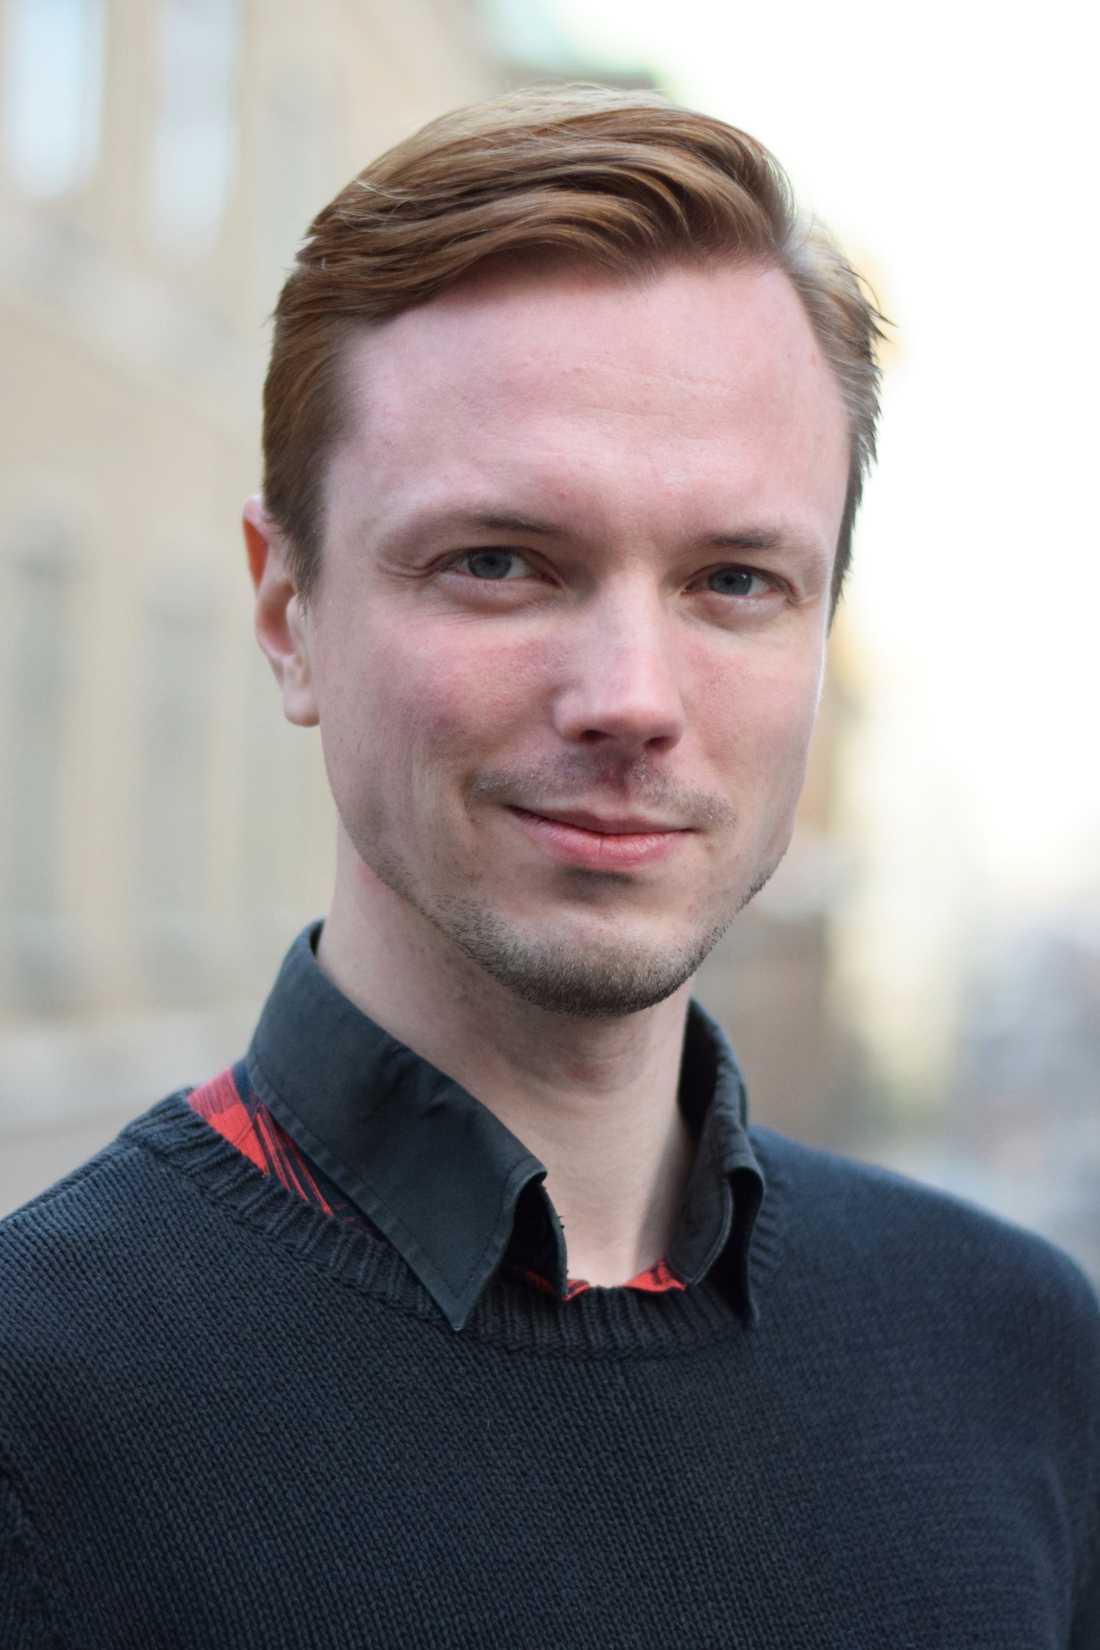 Andreas Hernbo, ordförande för RFSL Göteborg tycker det är anmärkningsvärt att Sahlgrenska inför ett stopp, trots öronmärkta pengar för att korta köerna för transpersoners vård.